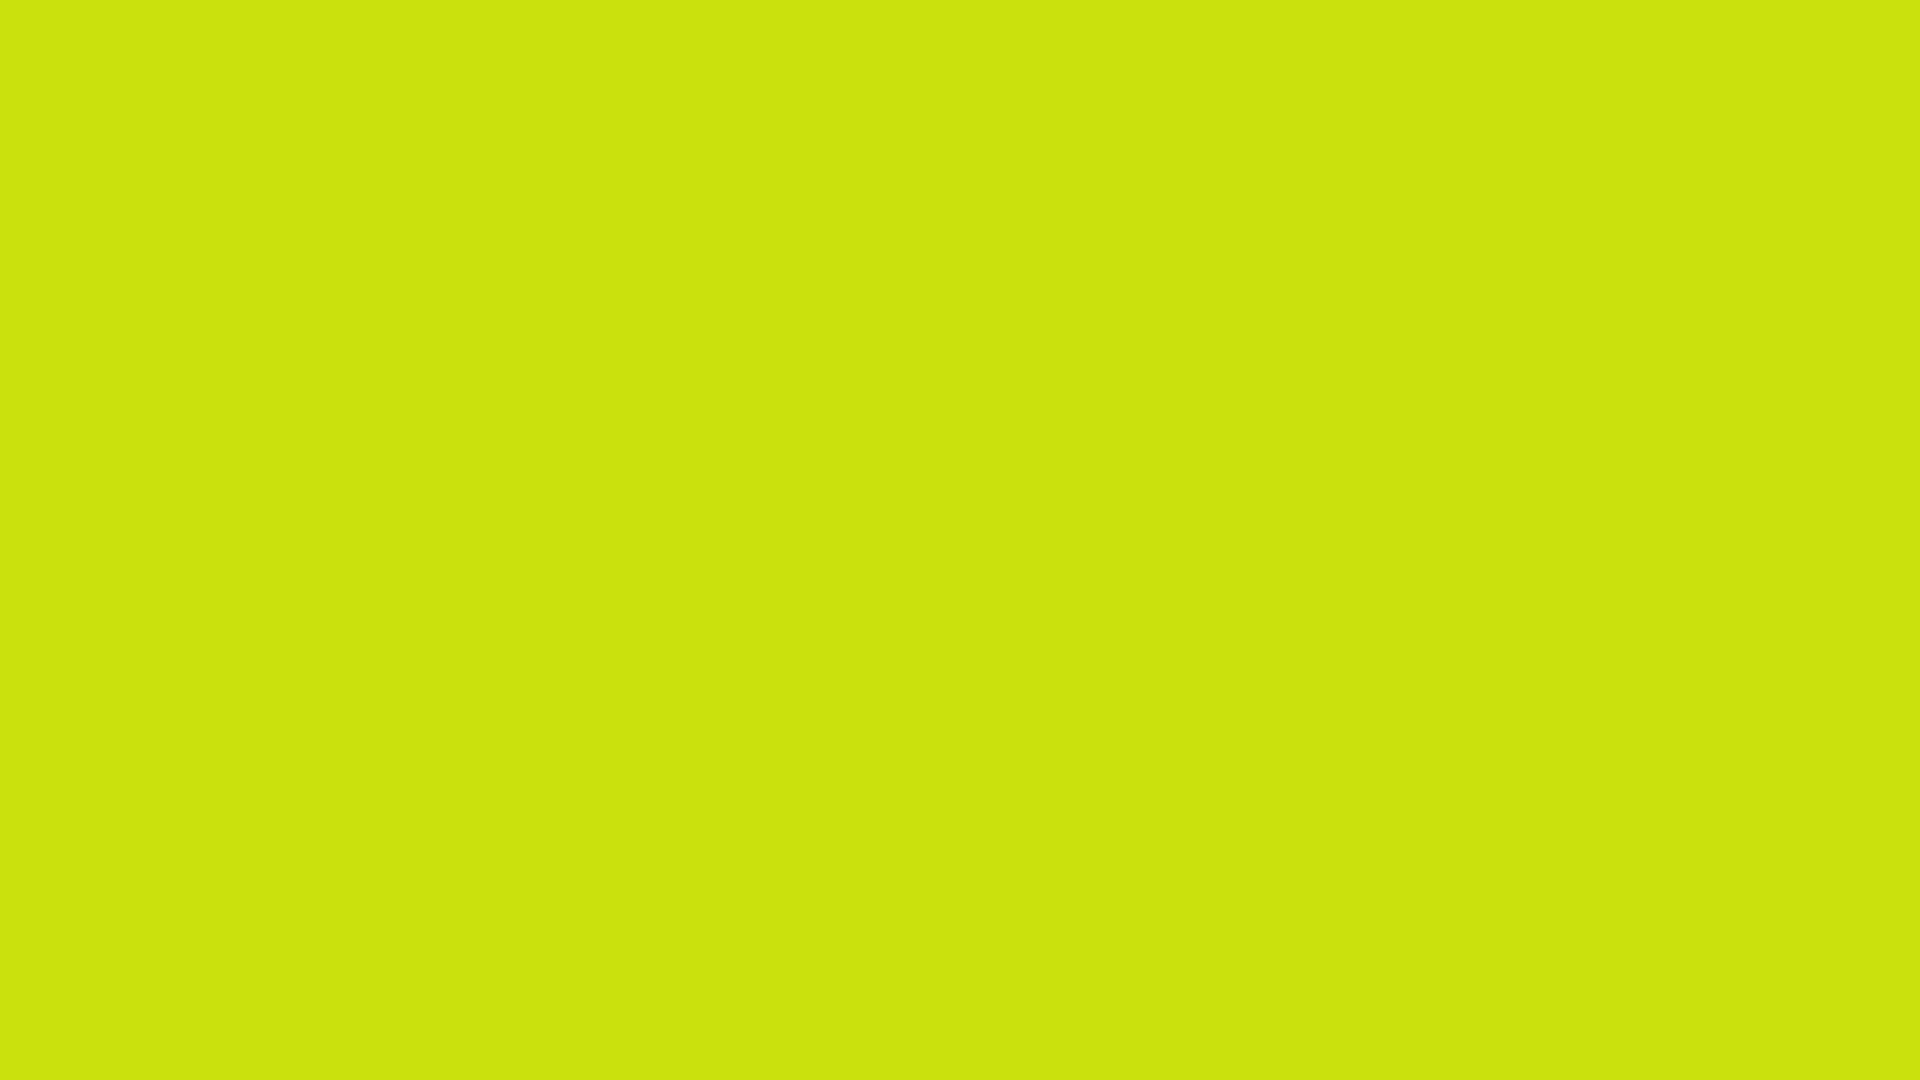 1920x1080 Bitter Lemon Solid Color Background